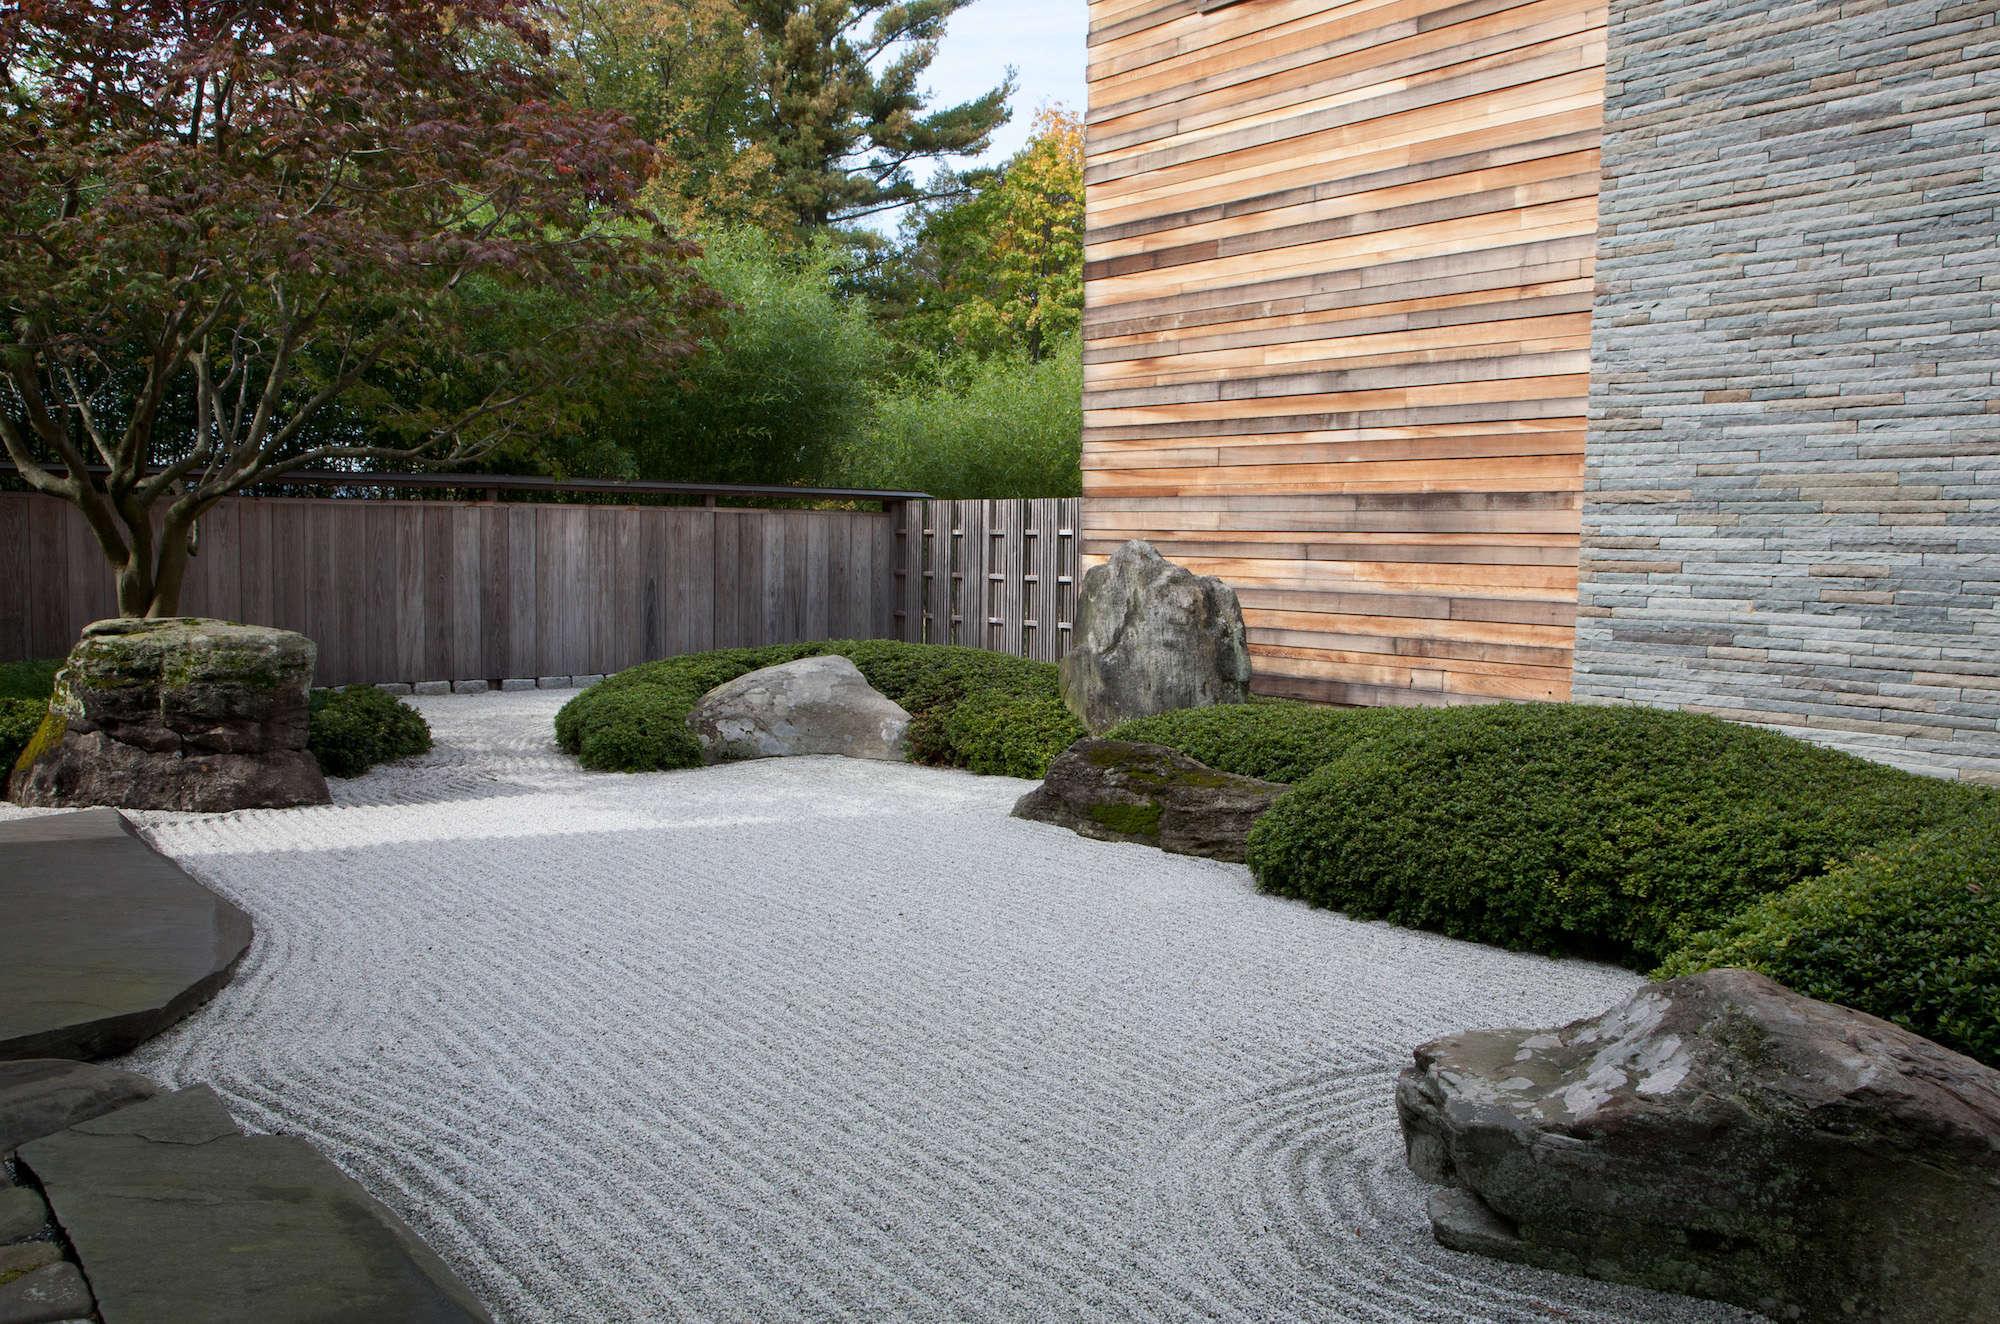 japanese-inspired-sand-ocean-garden-raked